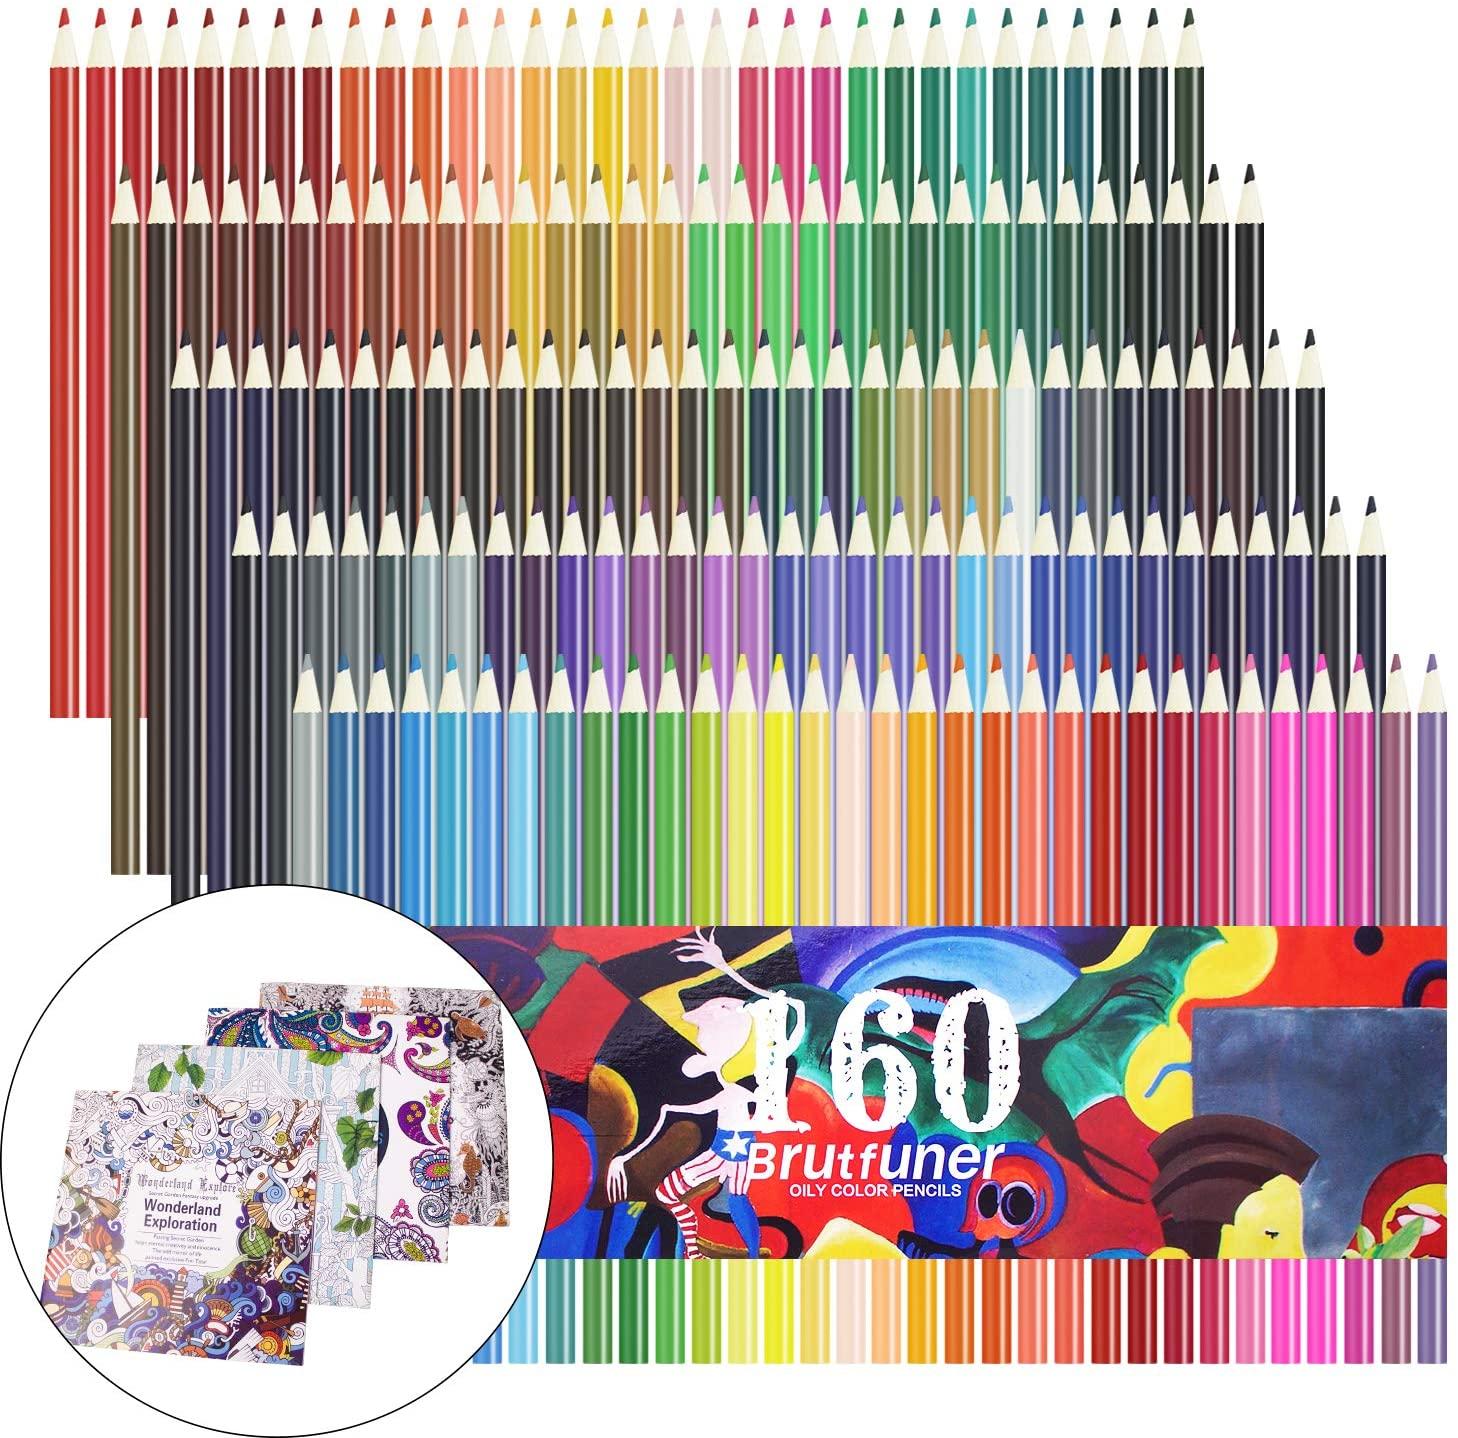 estuche-de-lapices-de-colores-litchitree-160-colores.jpg